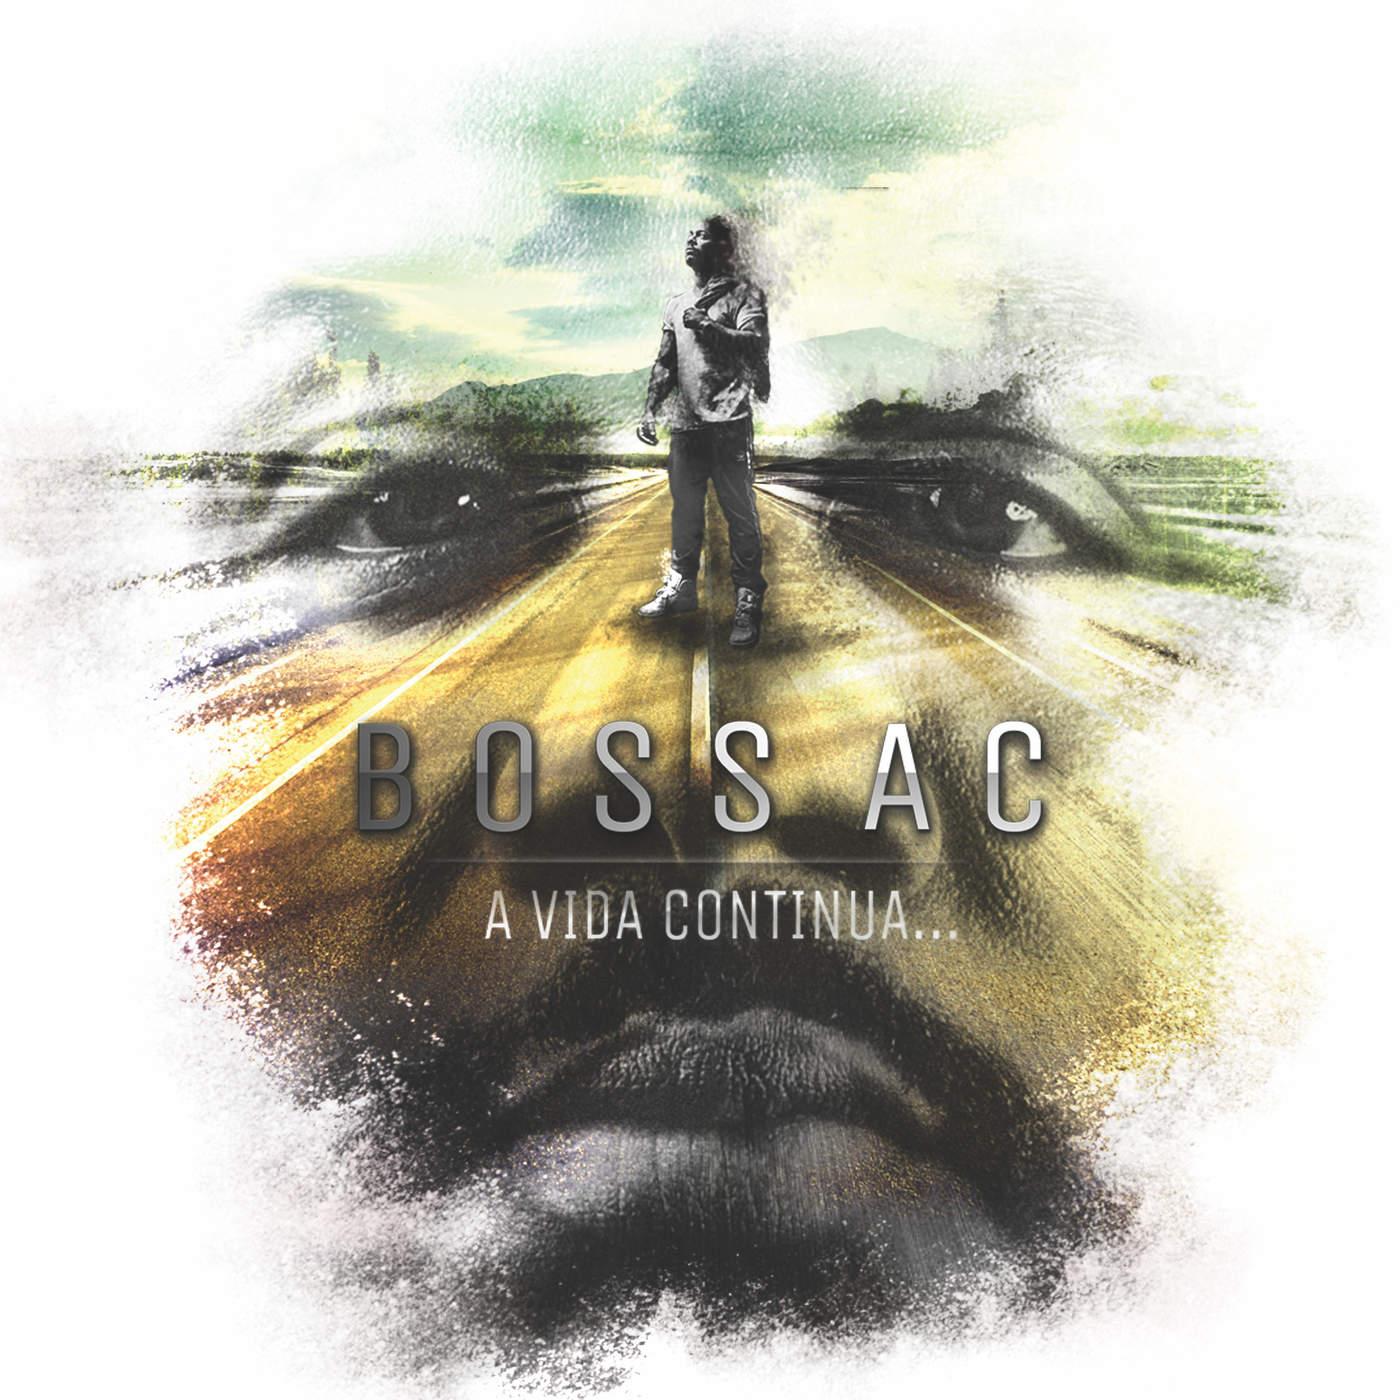 077-BOSS AC - A Vida Continua...